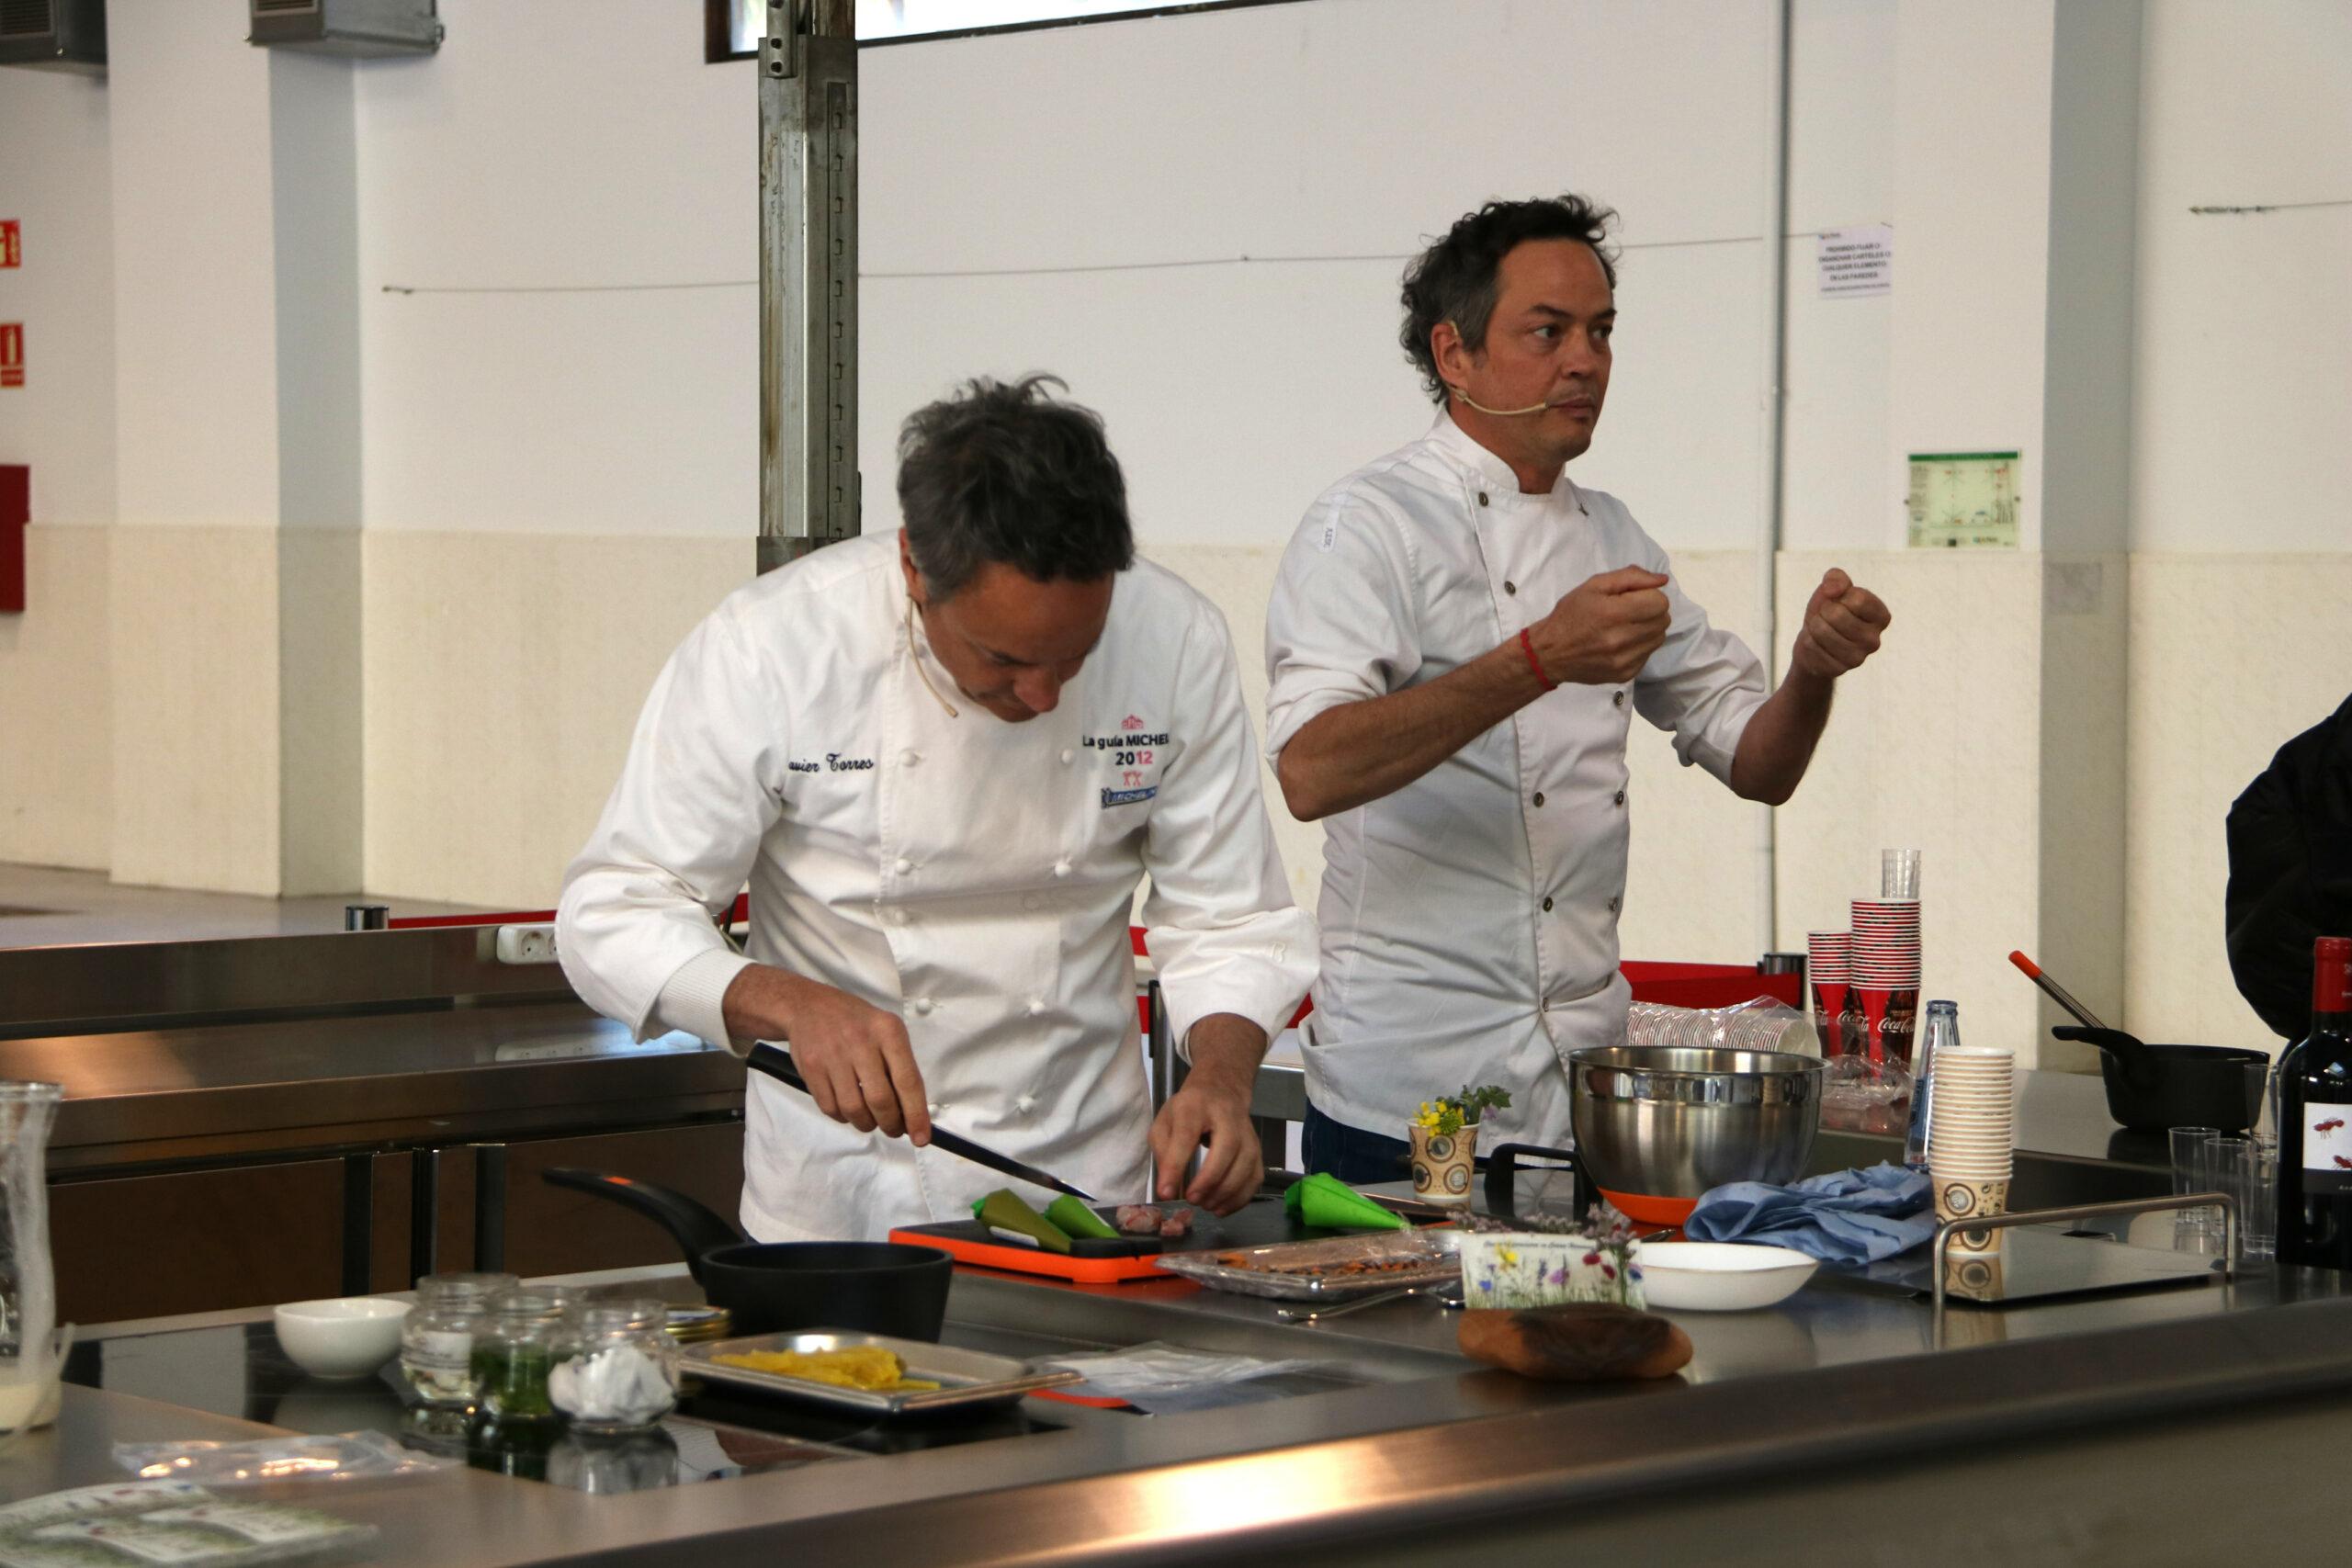 Els germans Torres, xefs del restaurant Cocina Hermanos Torres, durant la seva exhibició gastronòmica feta als Premis Gastronòmics Tarragona | ACN